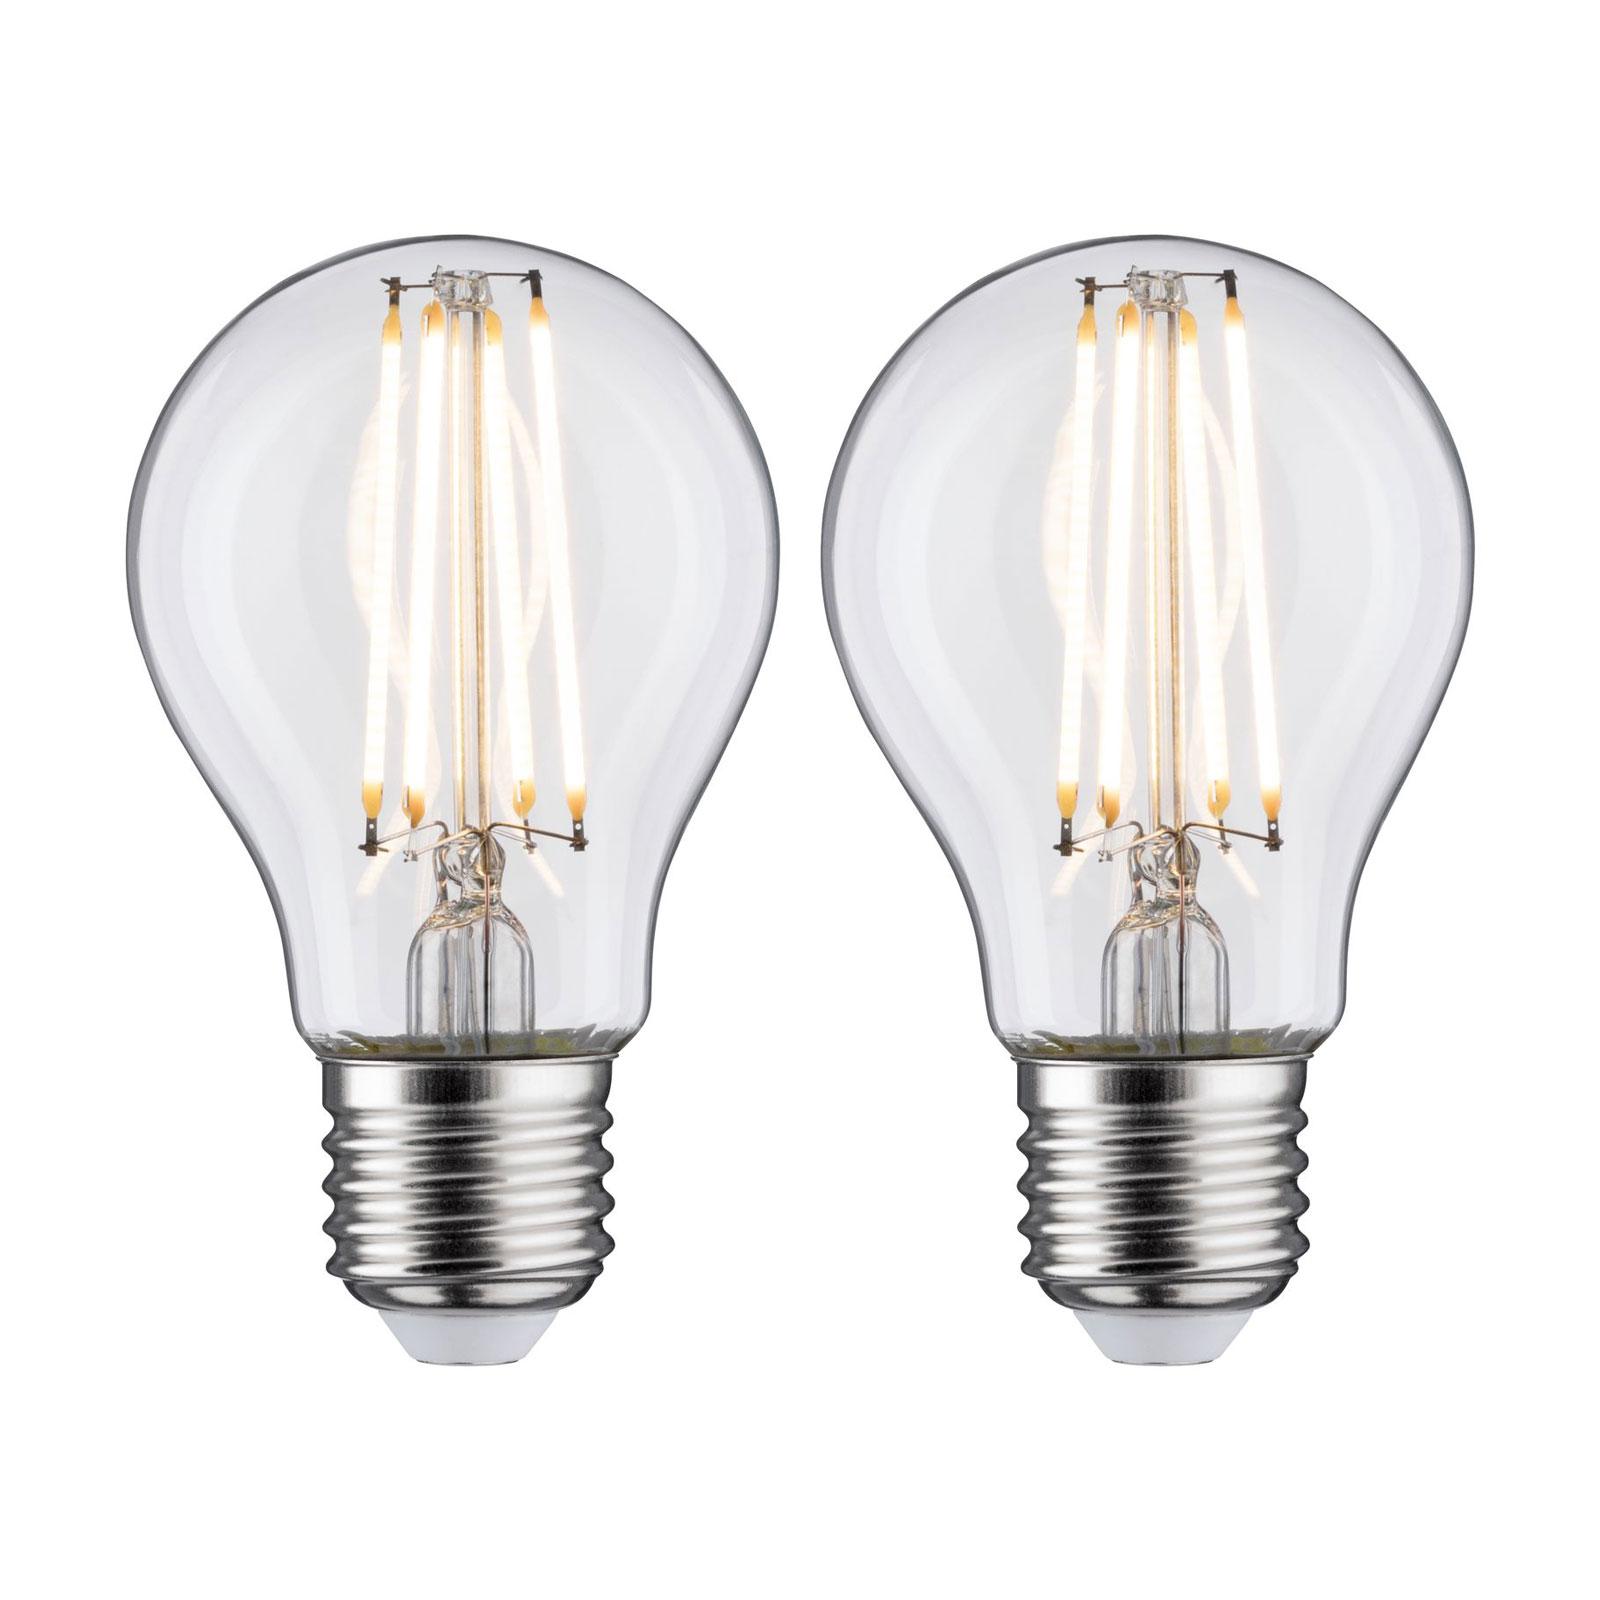 Ampoule LED E27 7W filament 2700K lot de 2